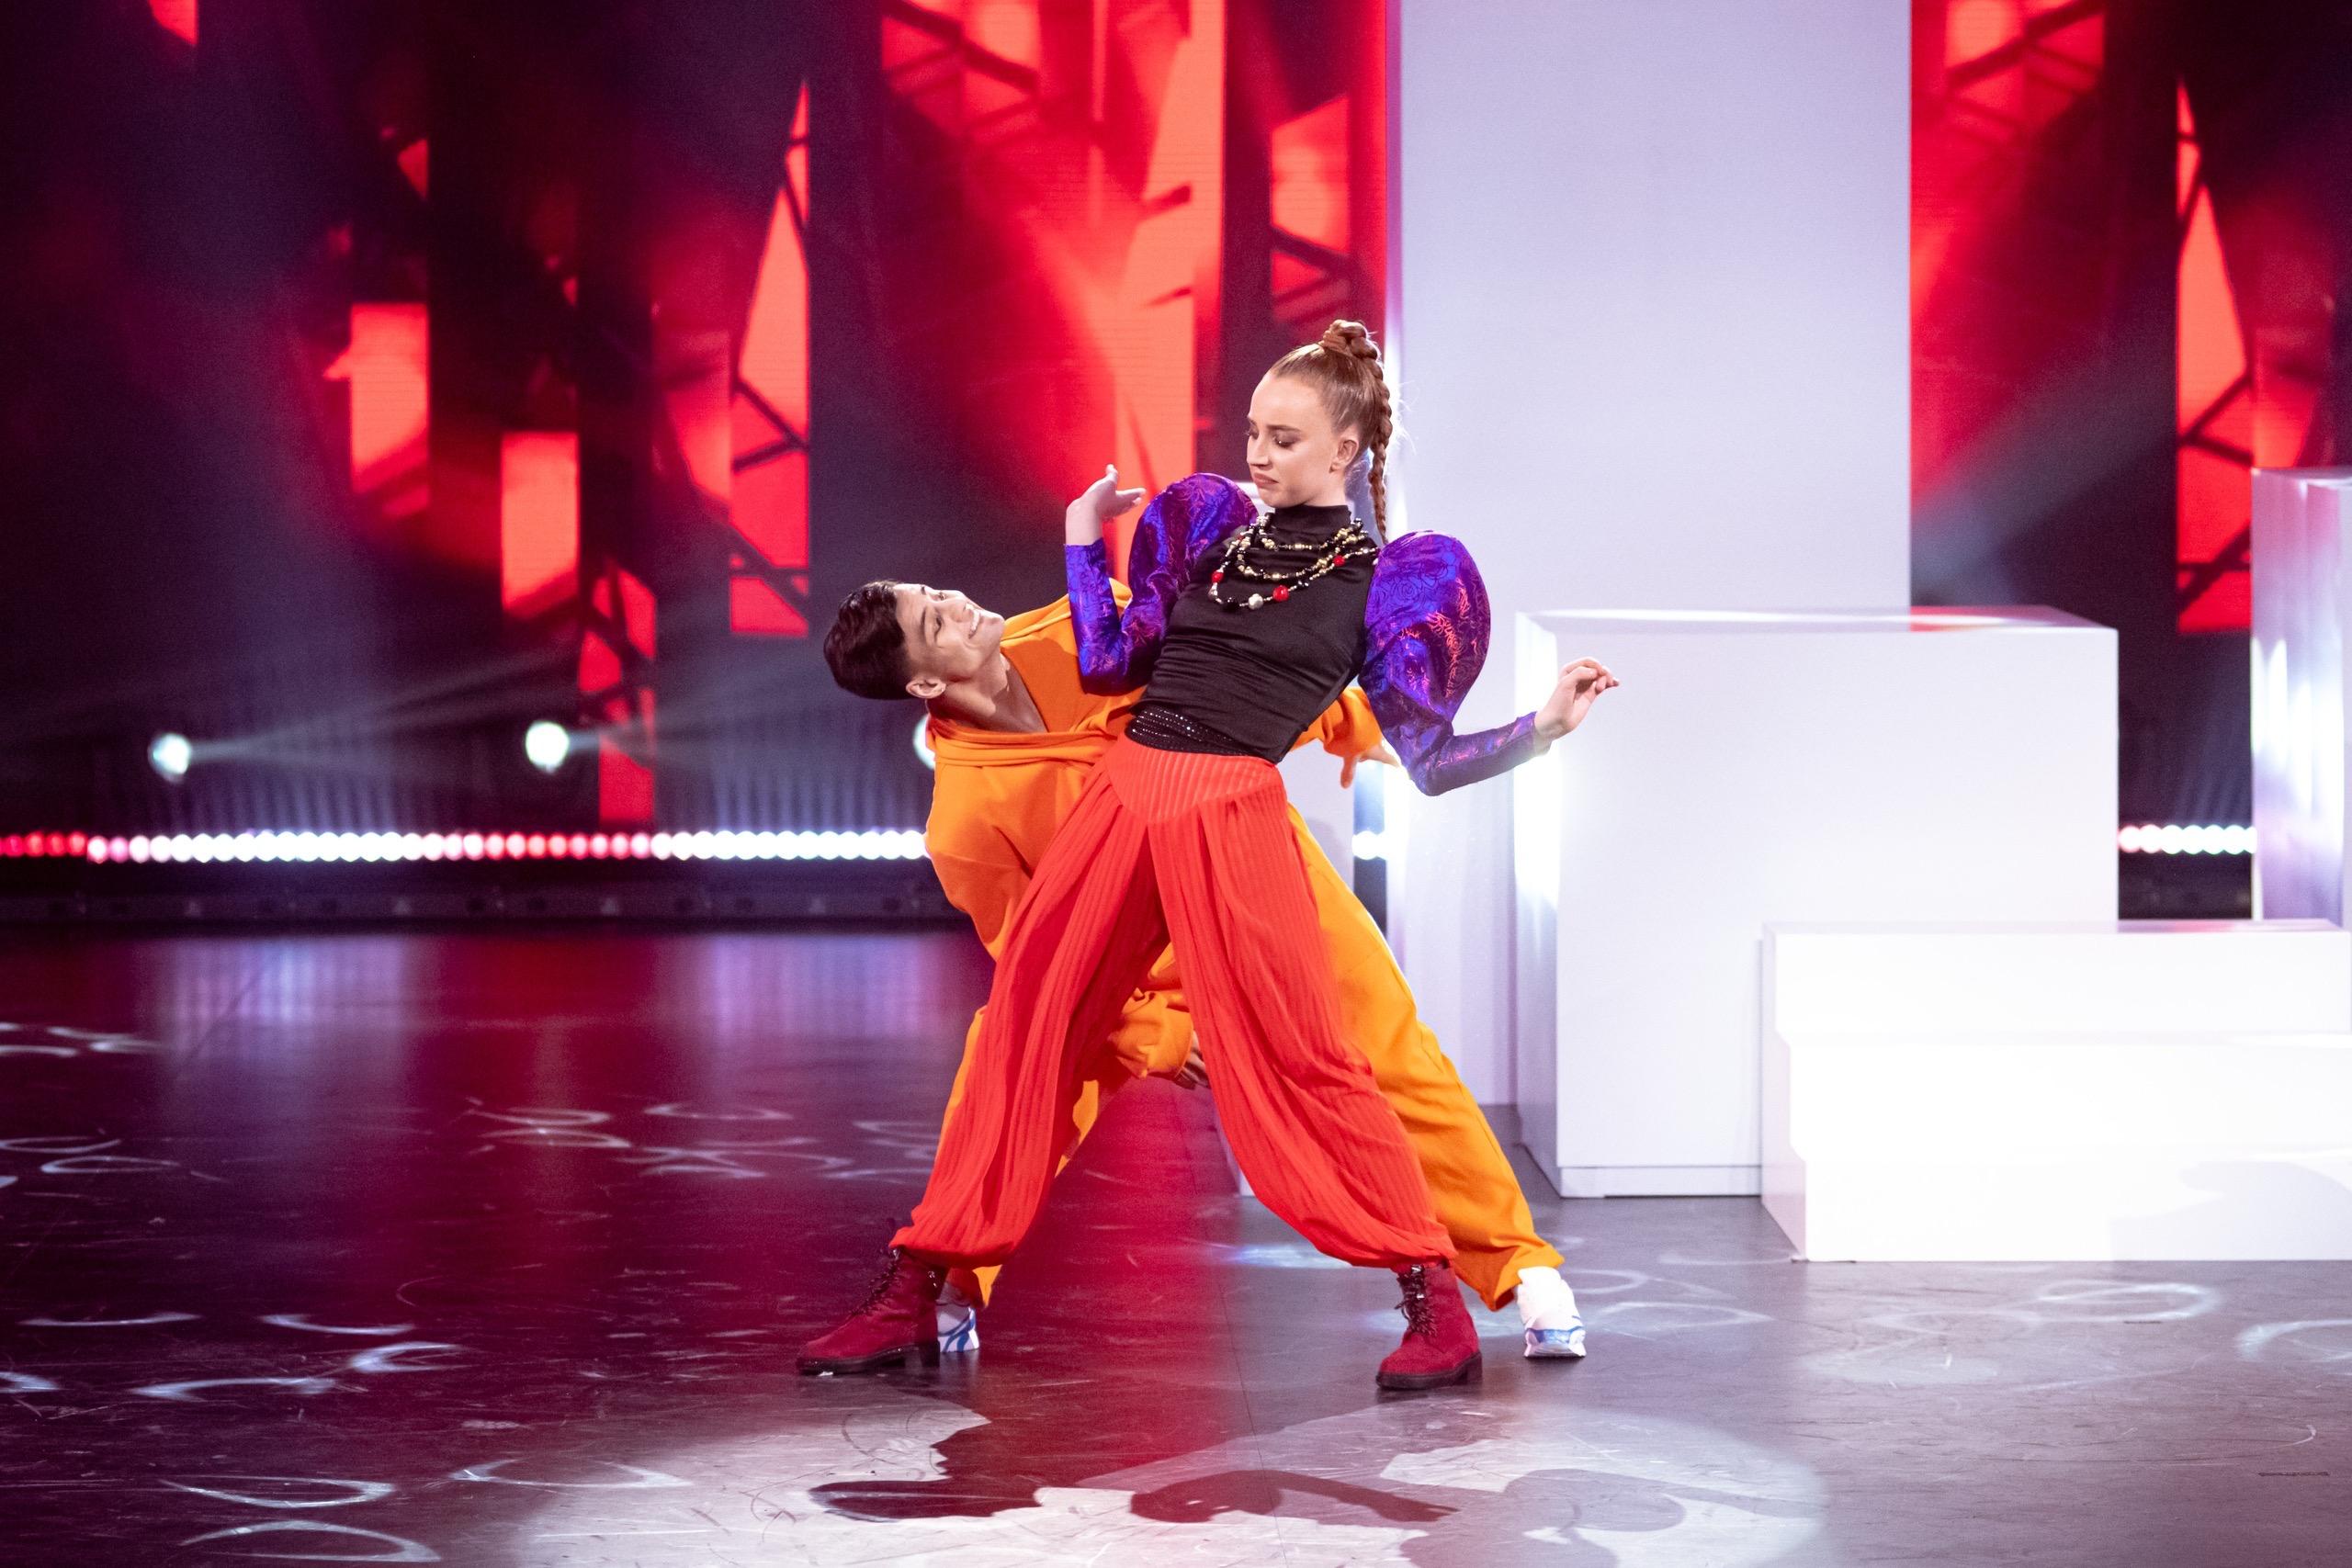 Стало известно, в каком образе предстанет уроженец Уфы на первом концерте шоу «Танцы» на ТНТ